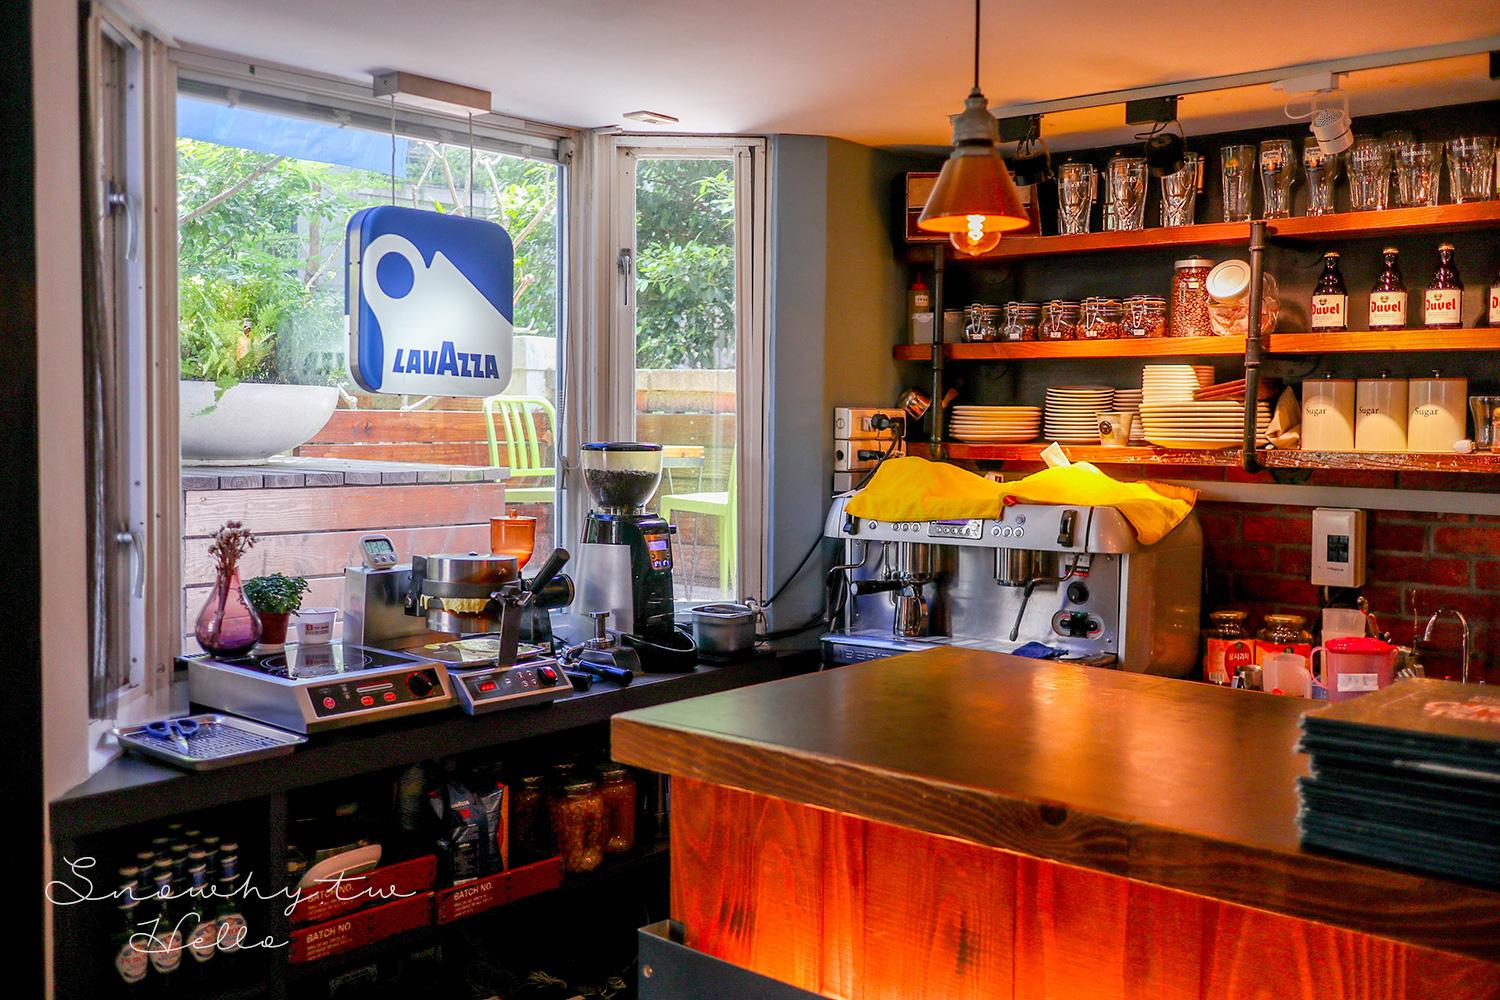 藍瓦咖啡,藍瓦空間,Living Lab Gallery,網美咖啡廳,桃園美食,中壢美食,咖啡廳,中壢SOGO週邊,鬆餅,不限時,中壢咖啡廳,中壢SOGO咖啡廳,桃園咖啡廳,中壢下午茶